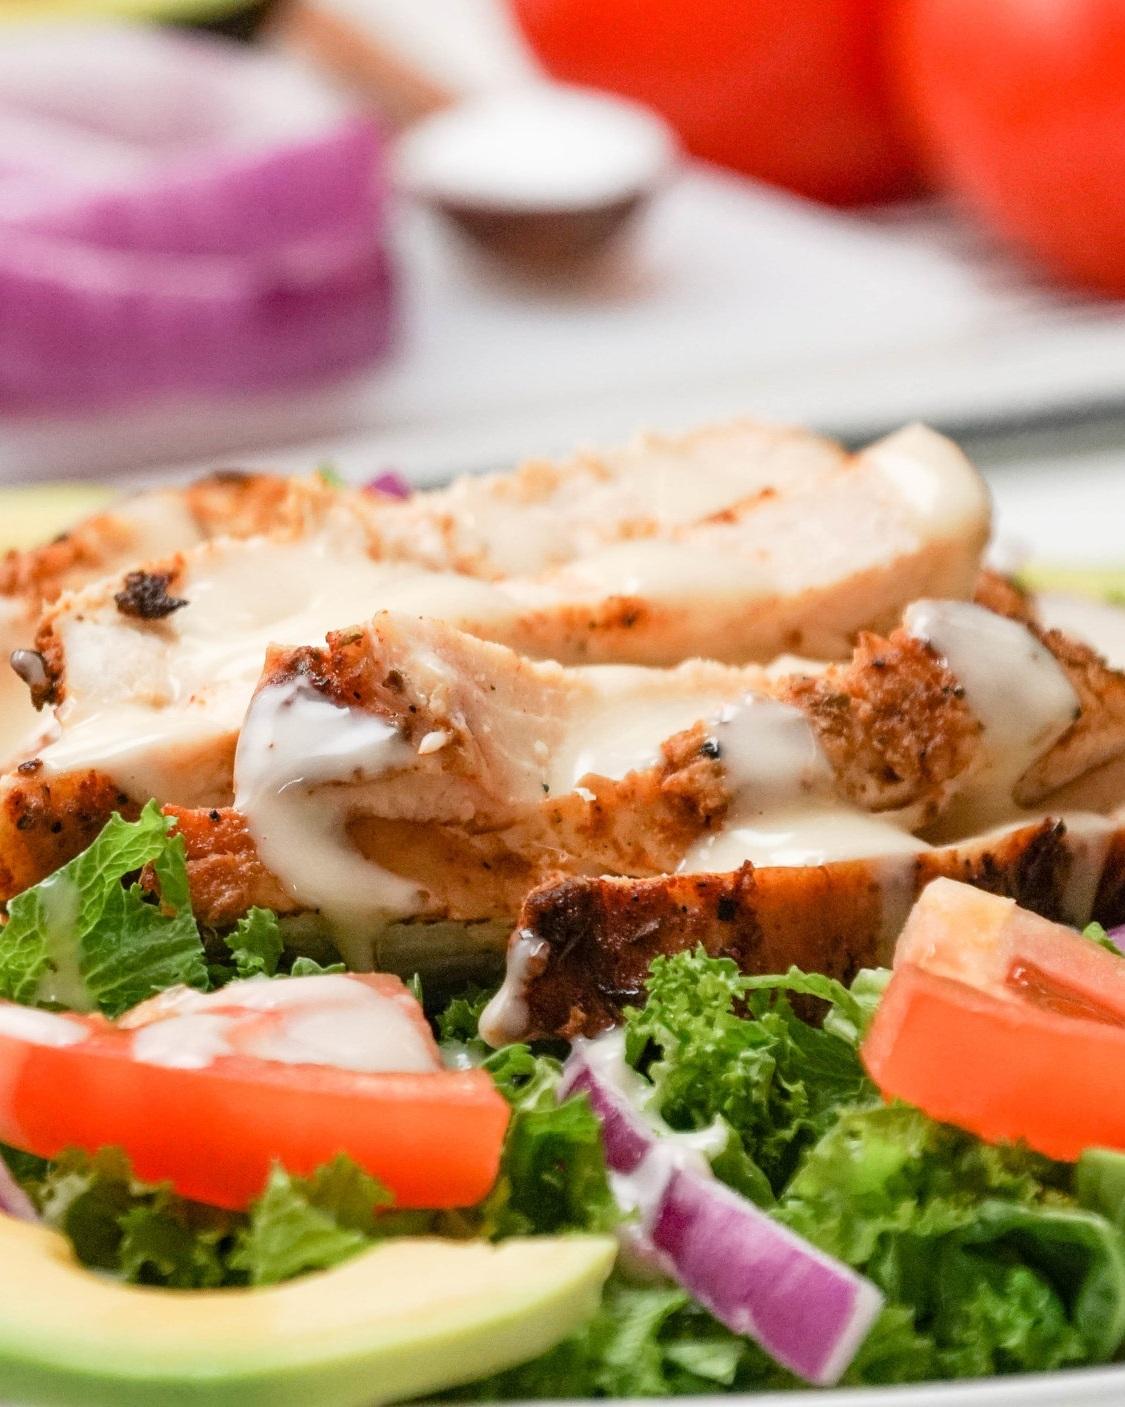 saladmenu.com cajun chicken salad